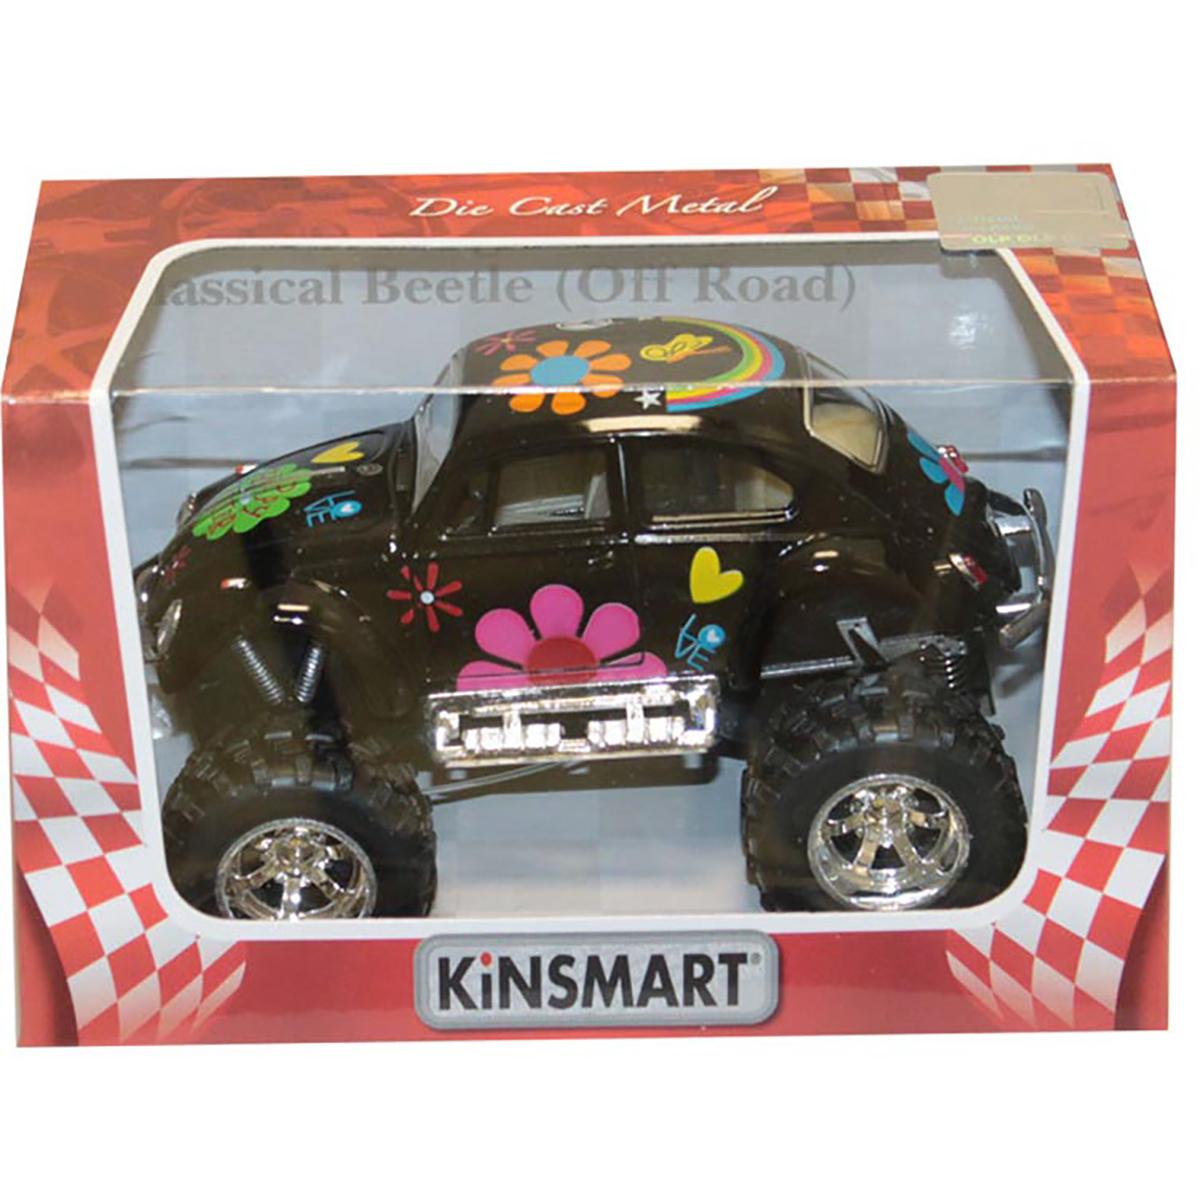 Masinuta metalica de off-road Kinsmart, Volkswagen Beetle, Negru